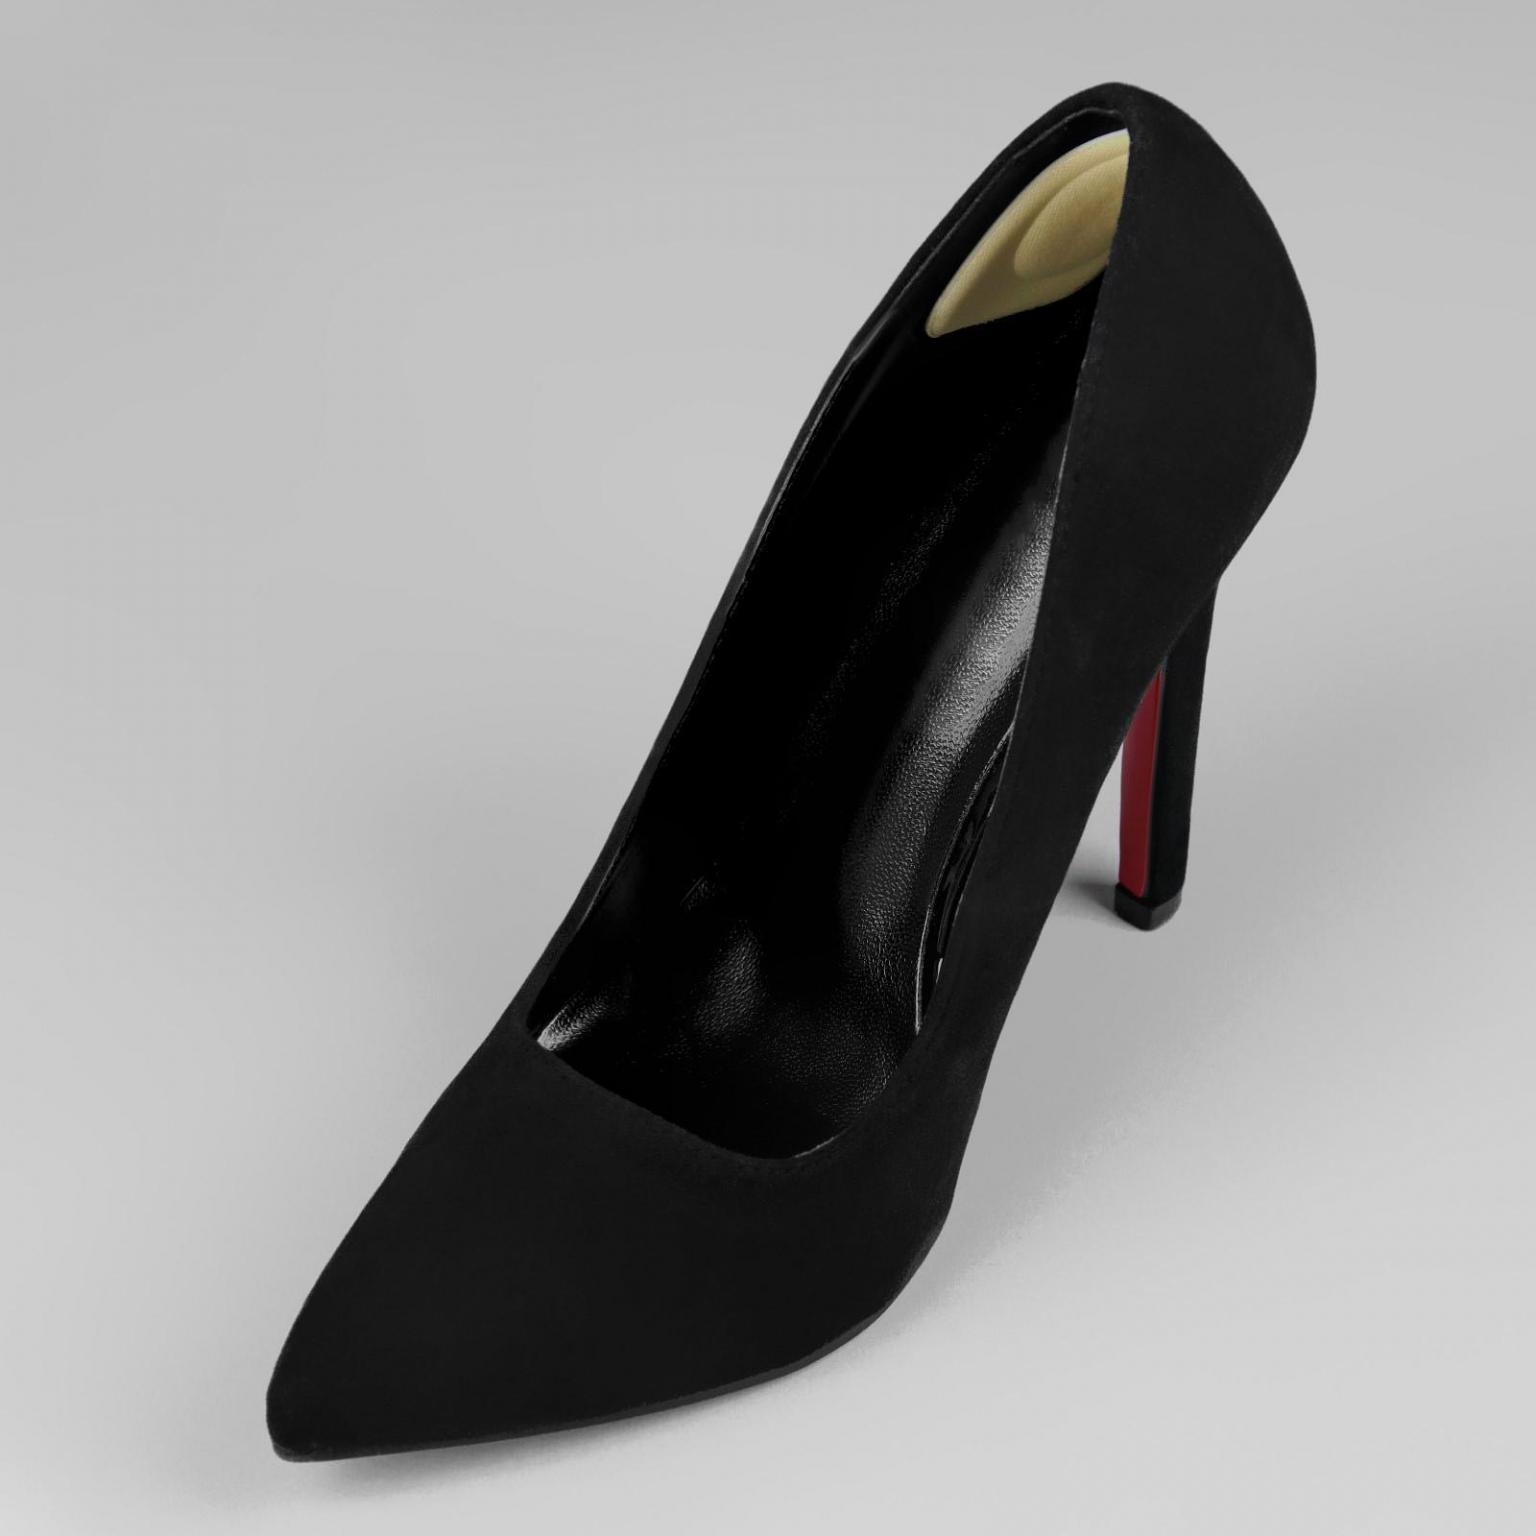 Пяткоудерживатели для обуви, на клеевой основе пара цвет молочный